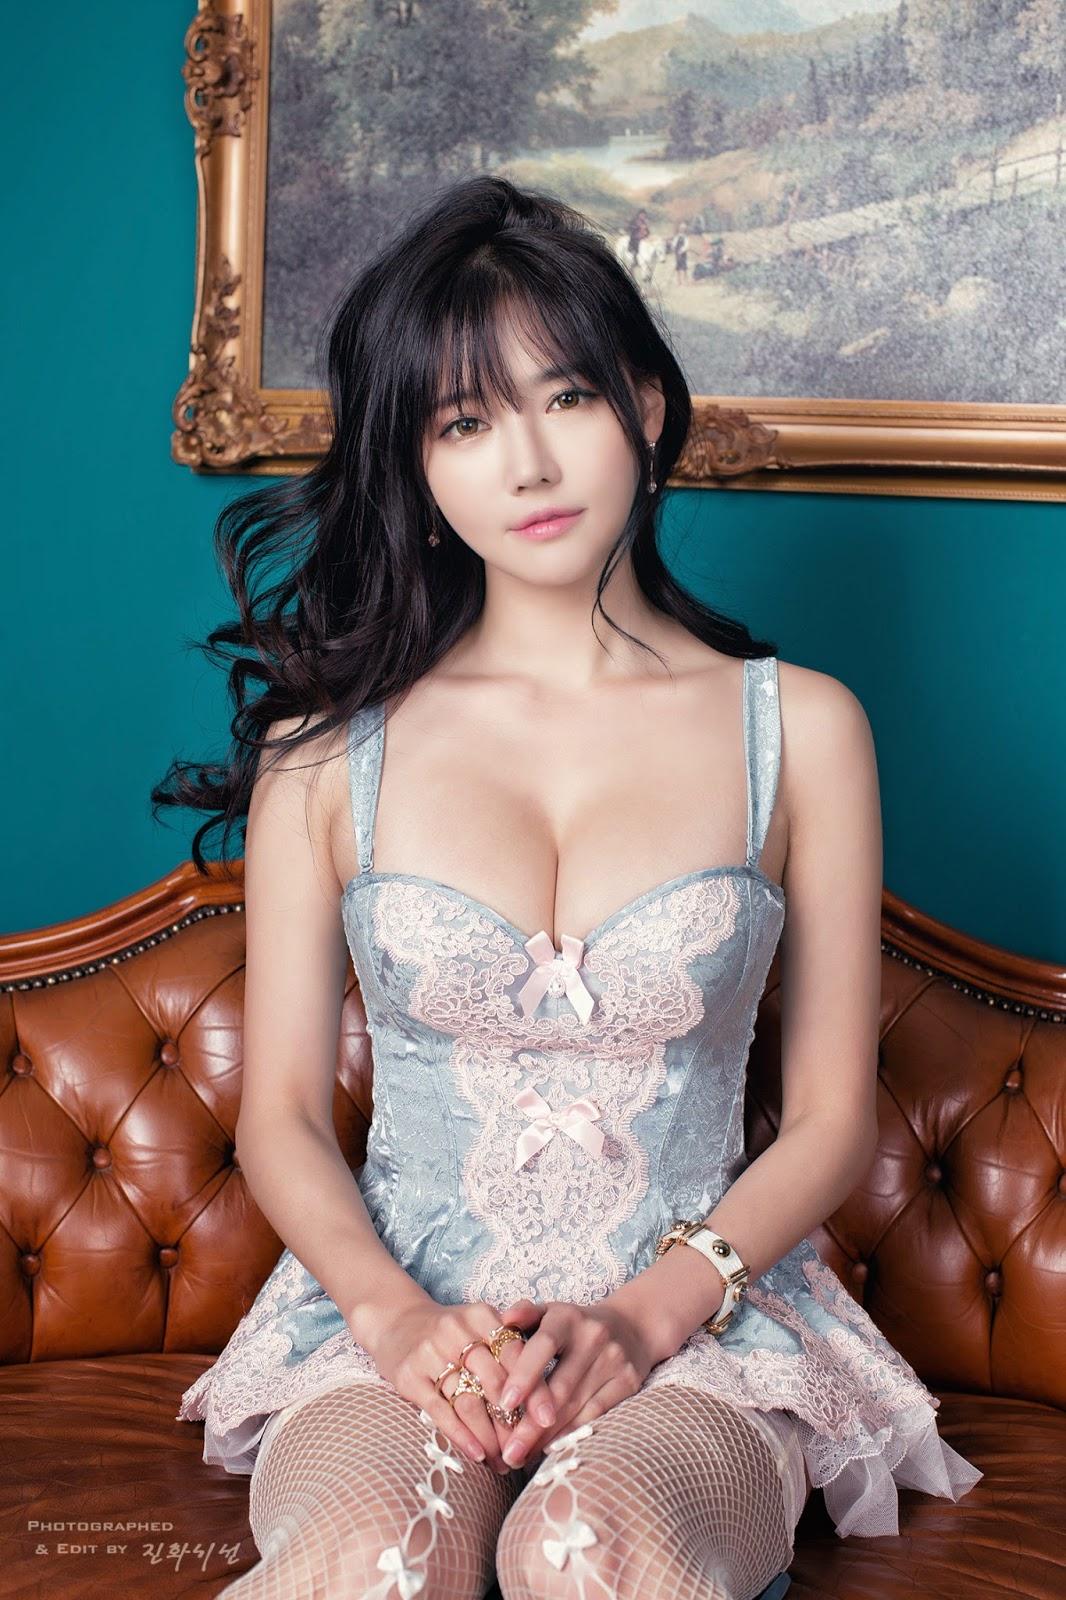 Ngắm gái xinh Hàn Quốc ngực khủng